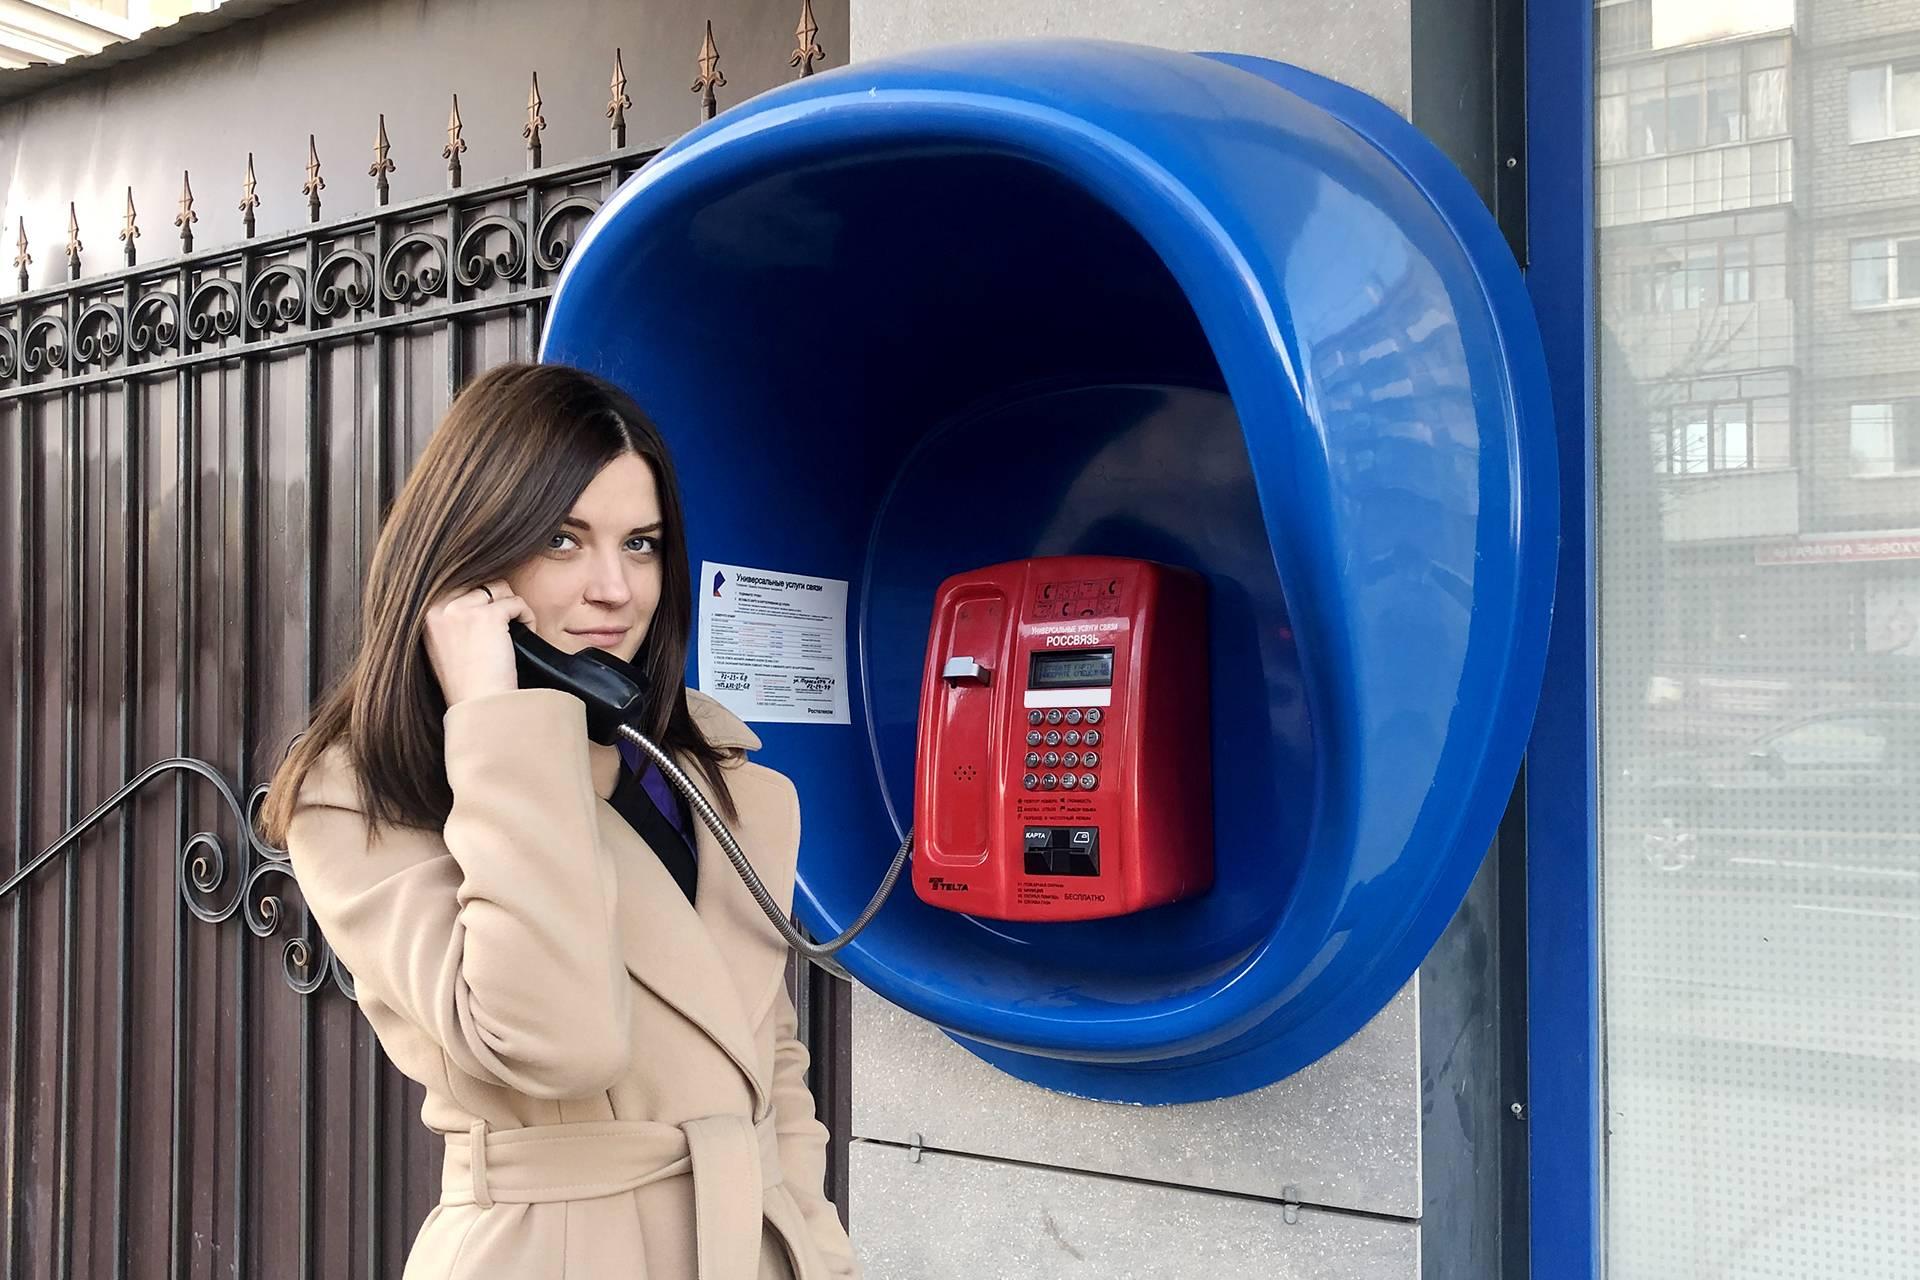 Адреса и телефоны в испании – арриво